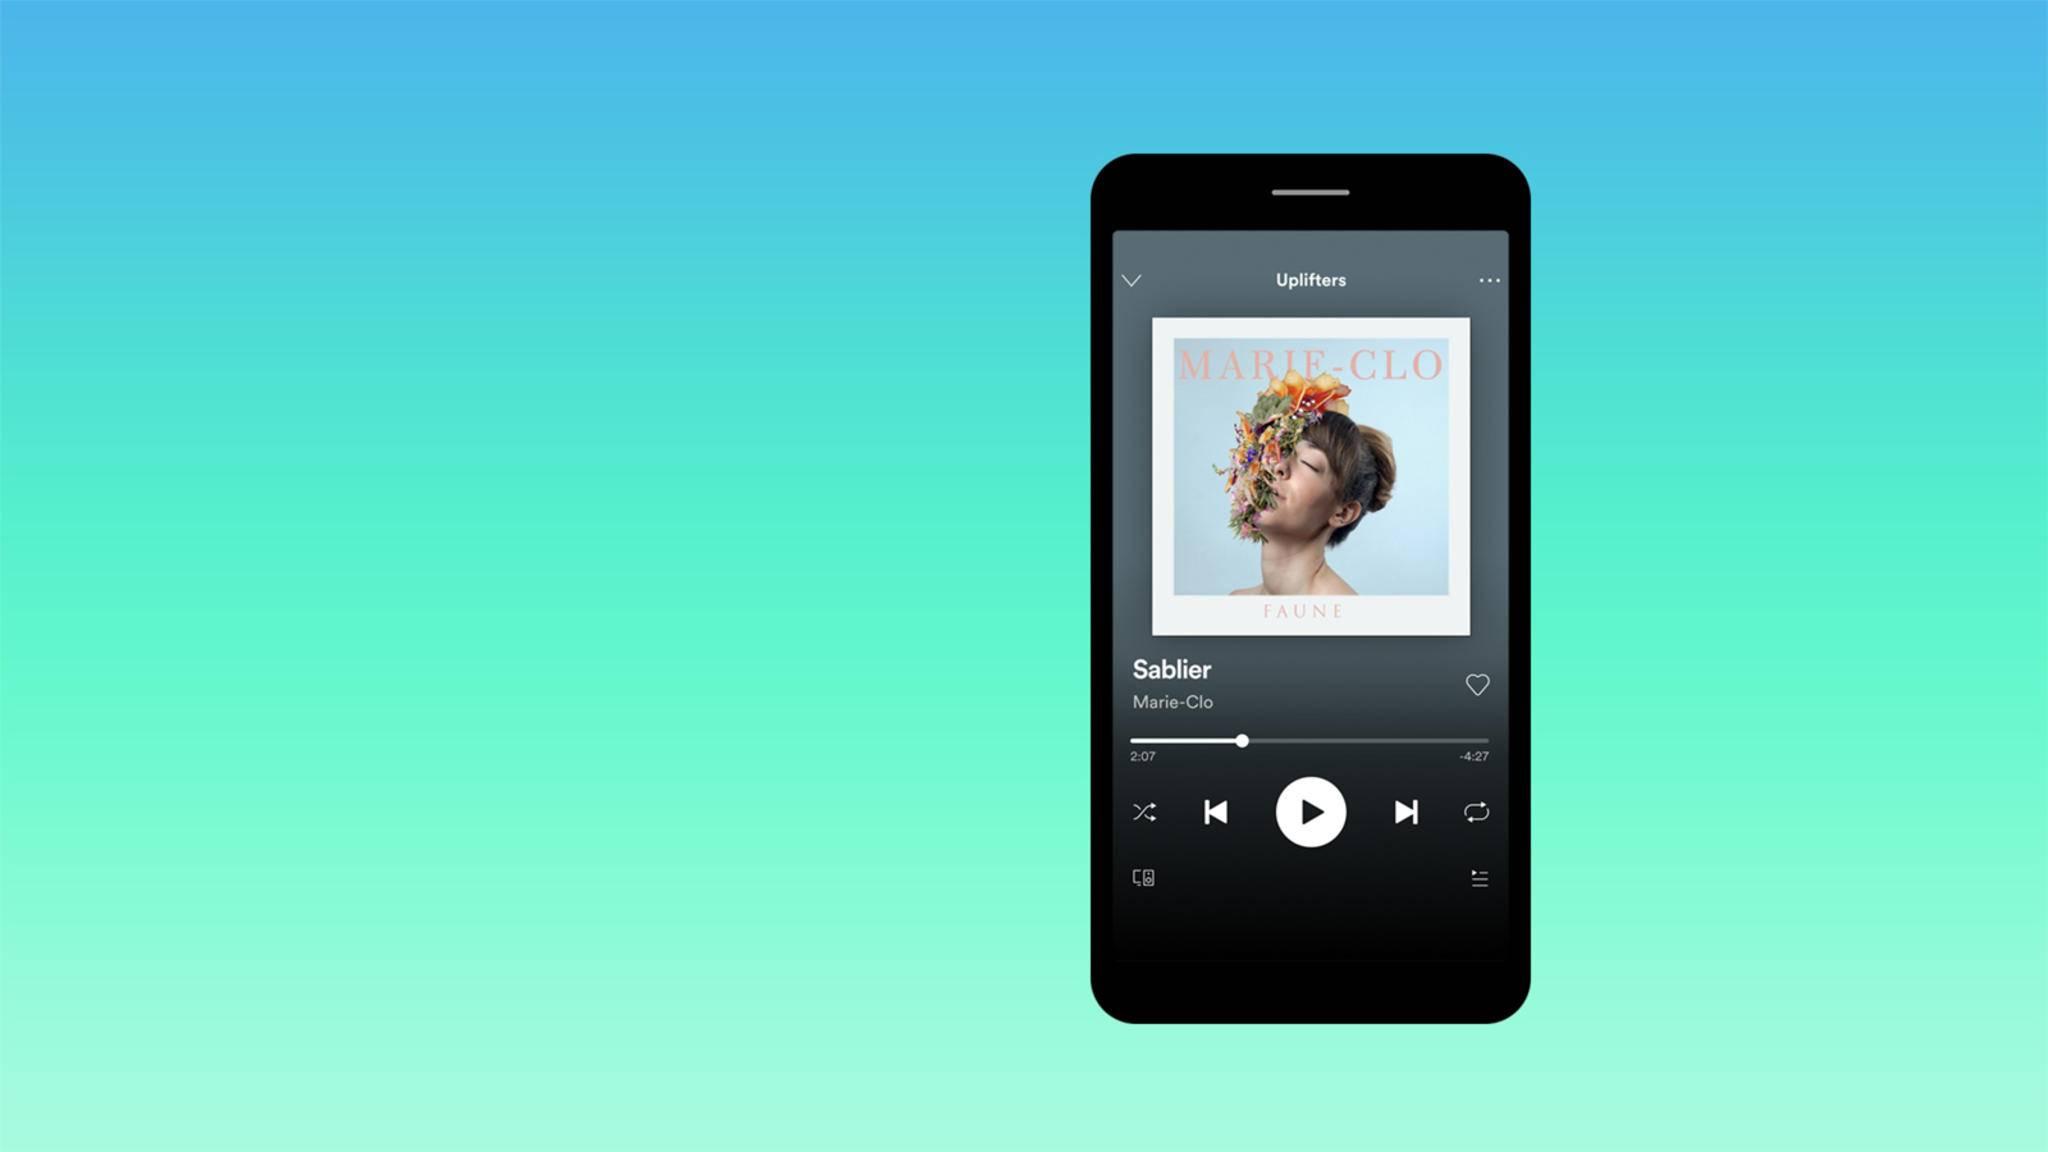 Spotify verbessert seine Smartphone- und Tablet-App kontinuierlich.